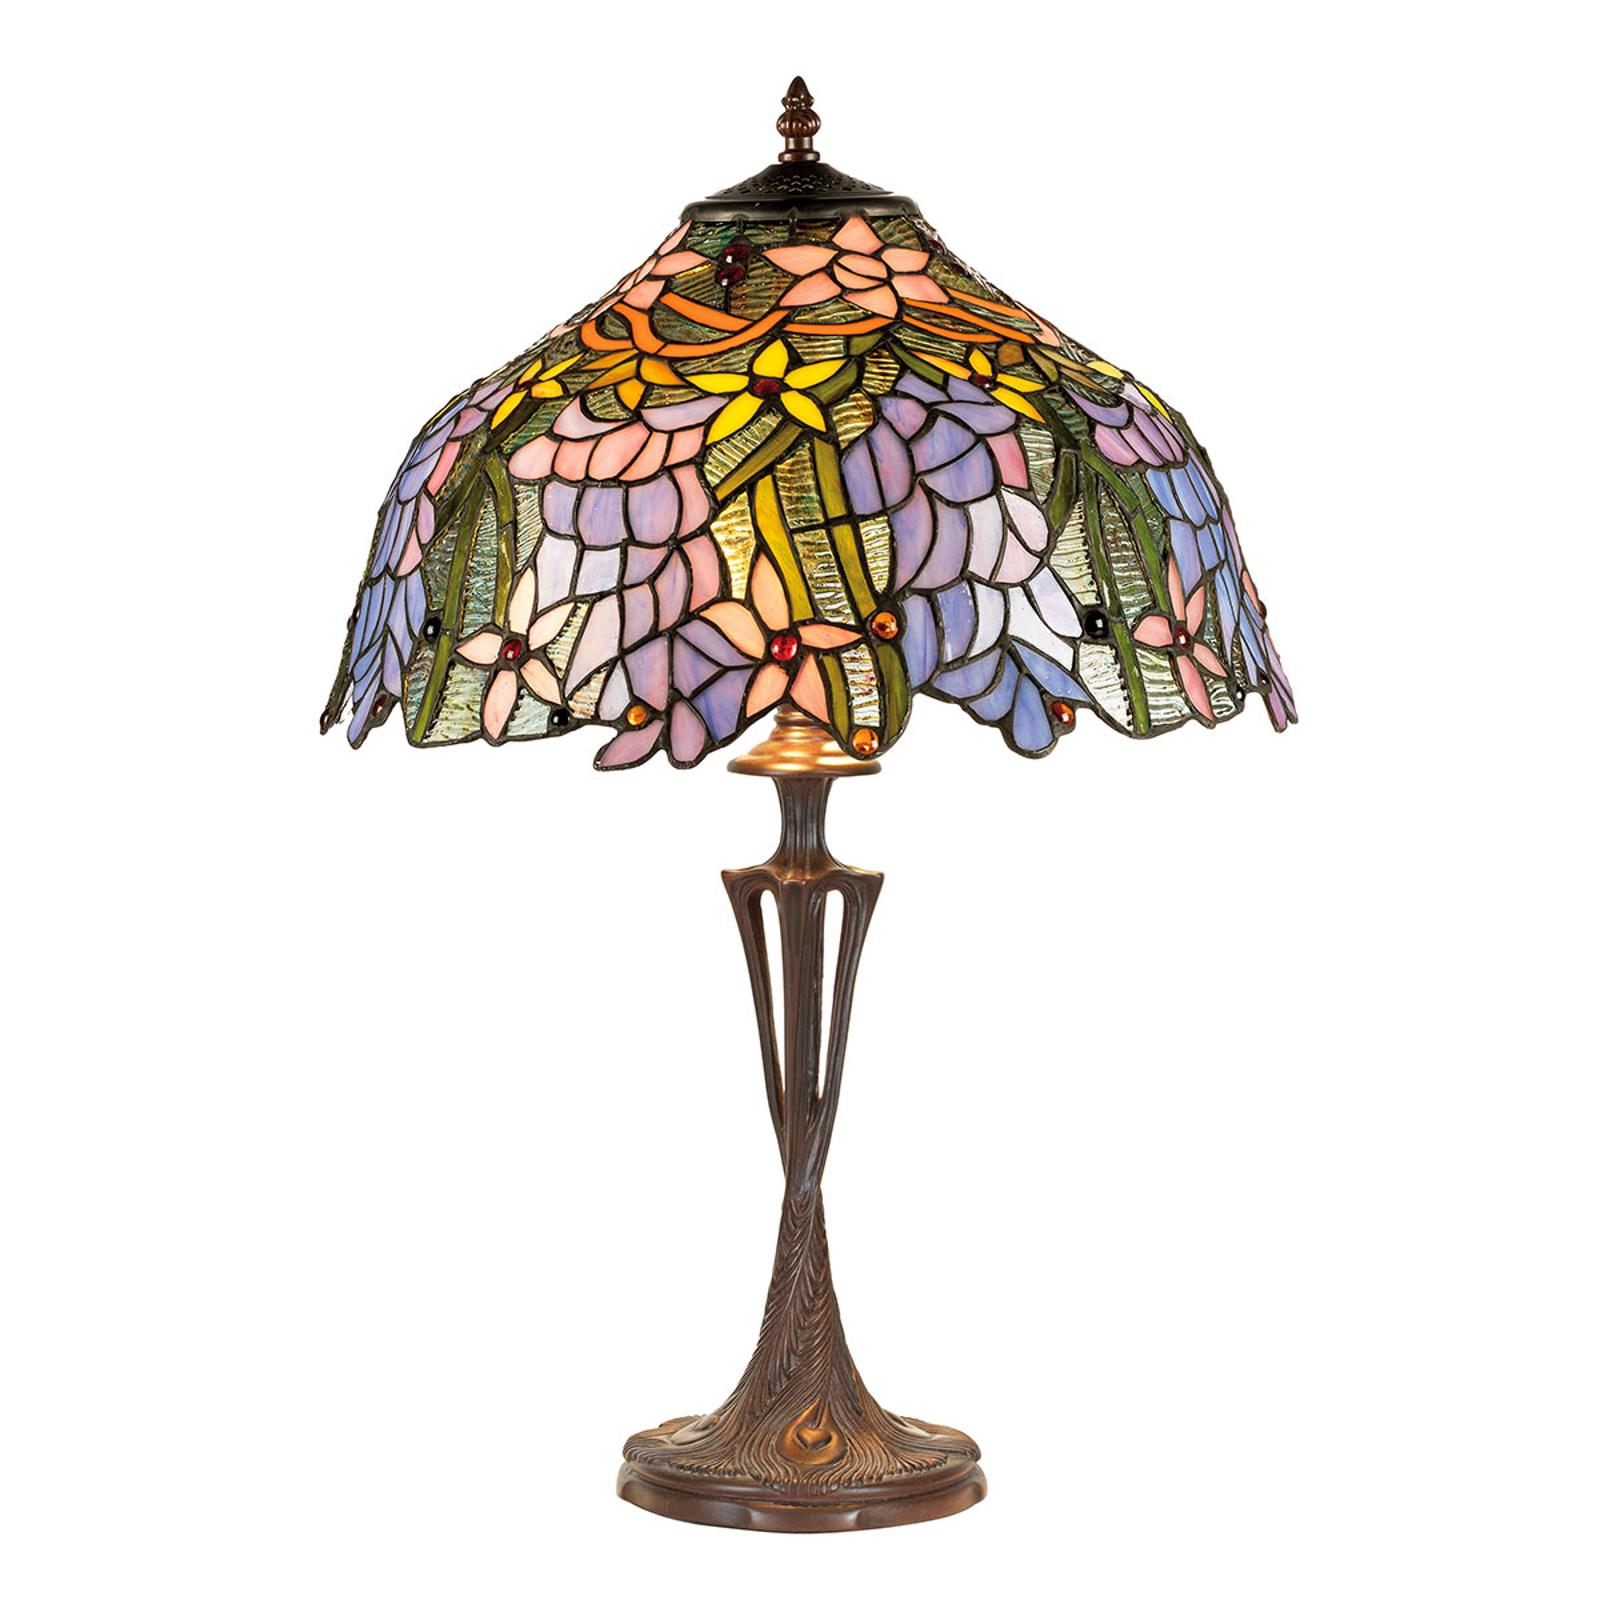 Tafellamp KT1082+PBLM11 in Tiffany stijl